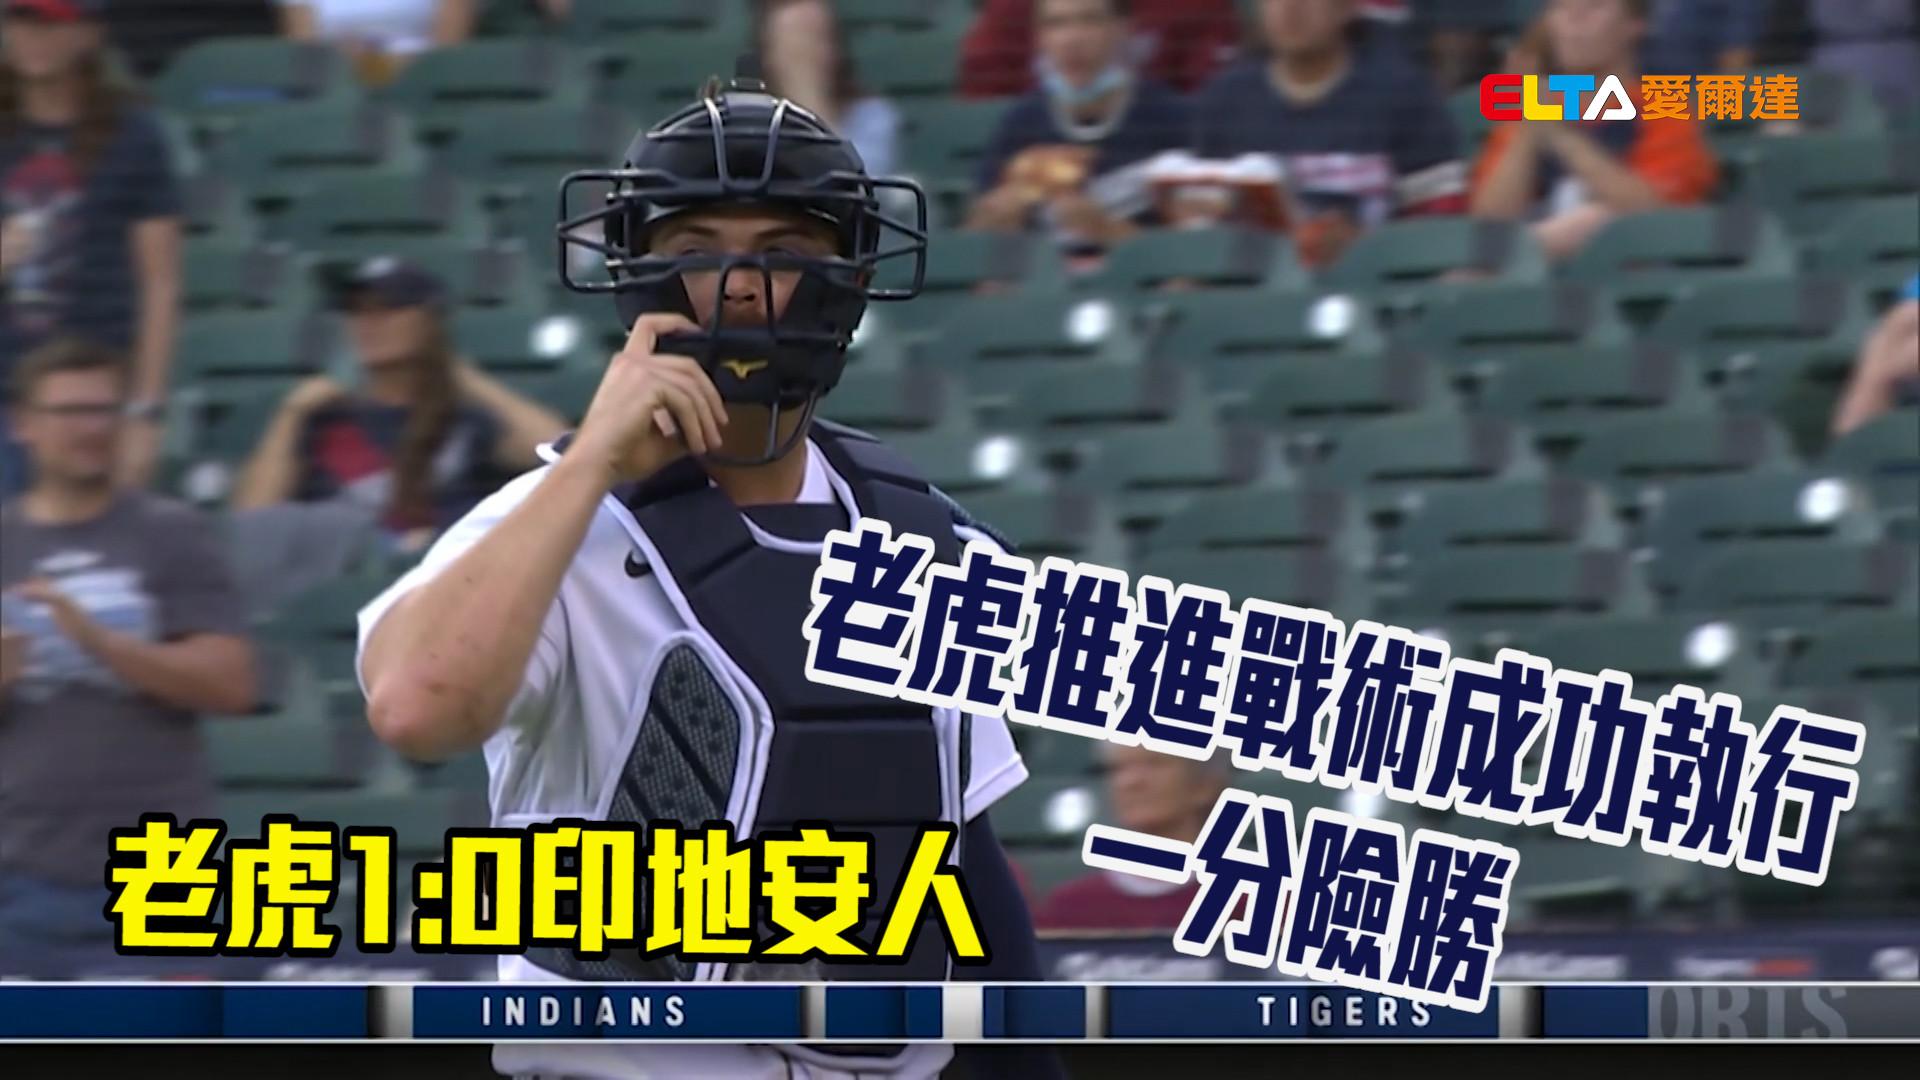 【MLB看愛爾達】老虎戰術成功執行 一分險勝印地安人 05/27